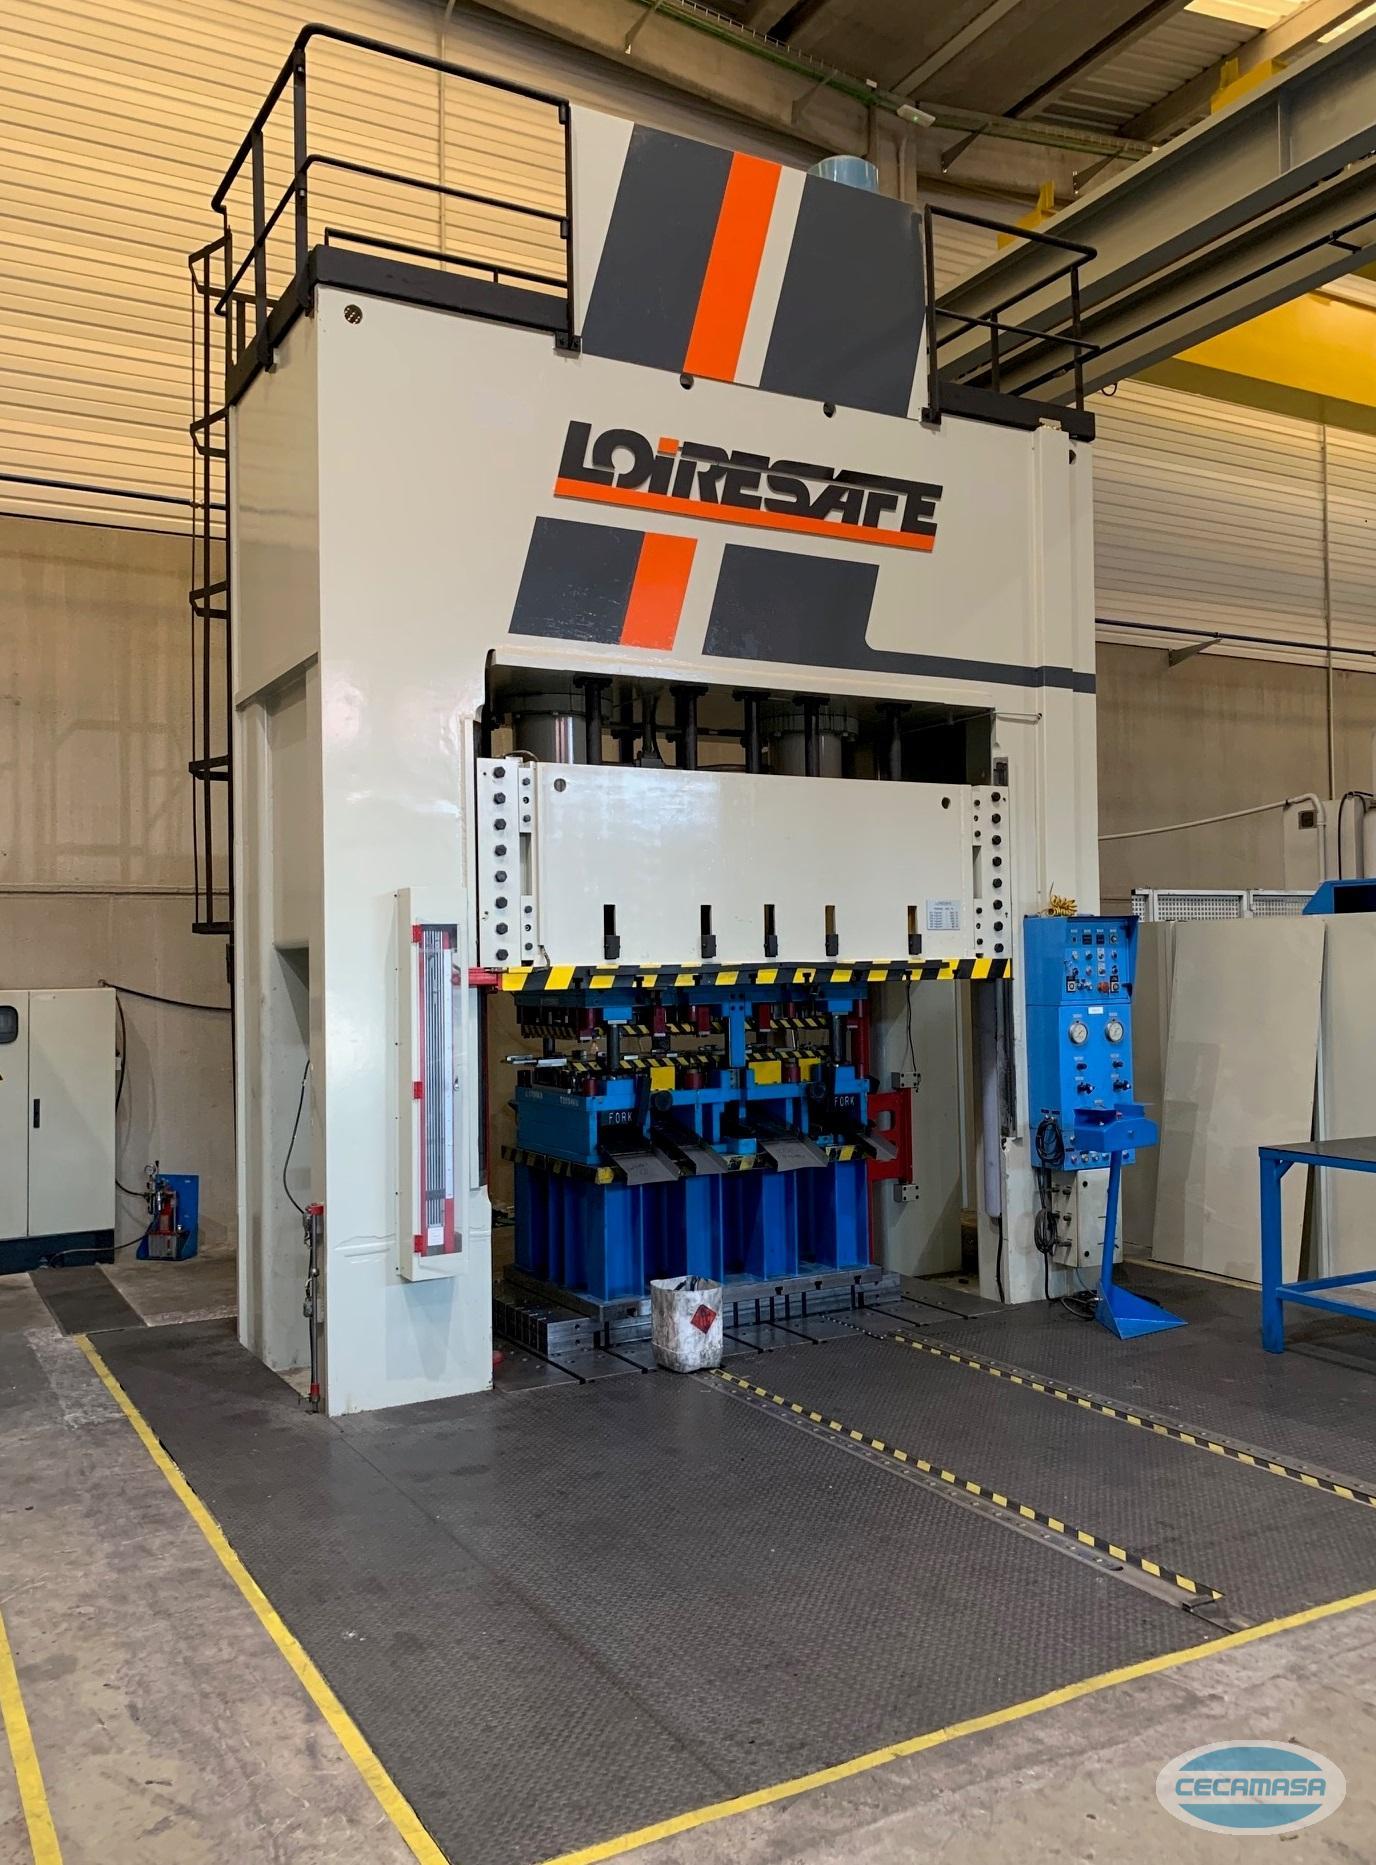 Used LOIRESAFE press 500 t